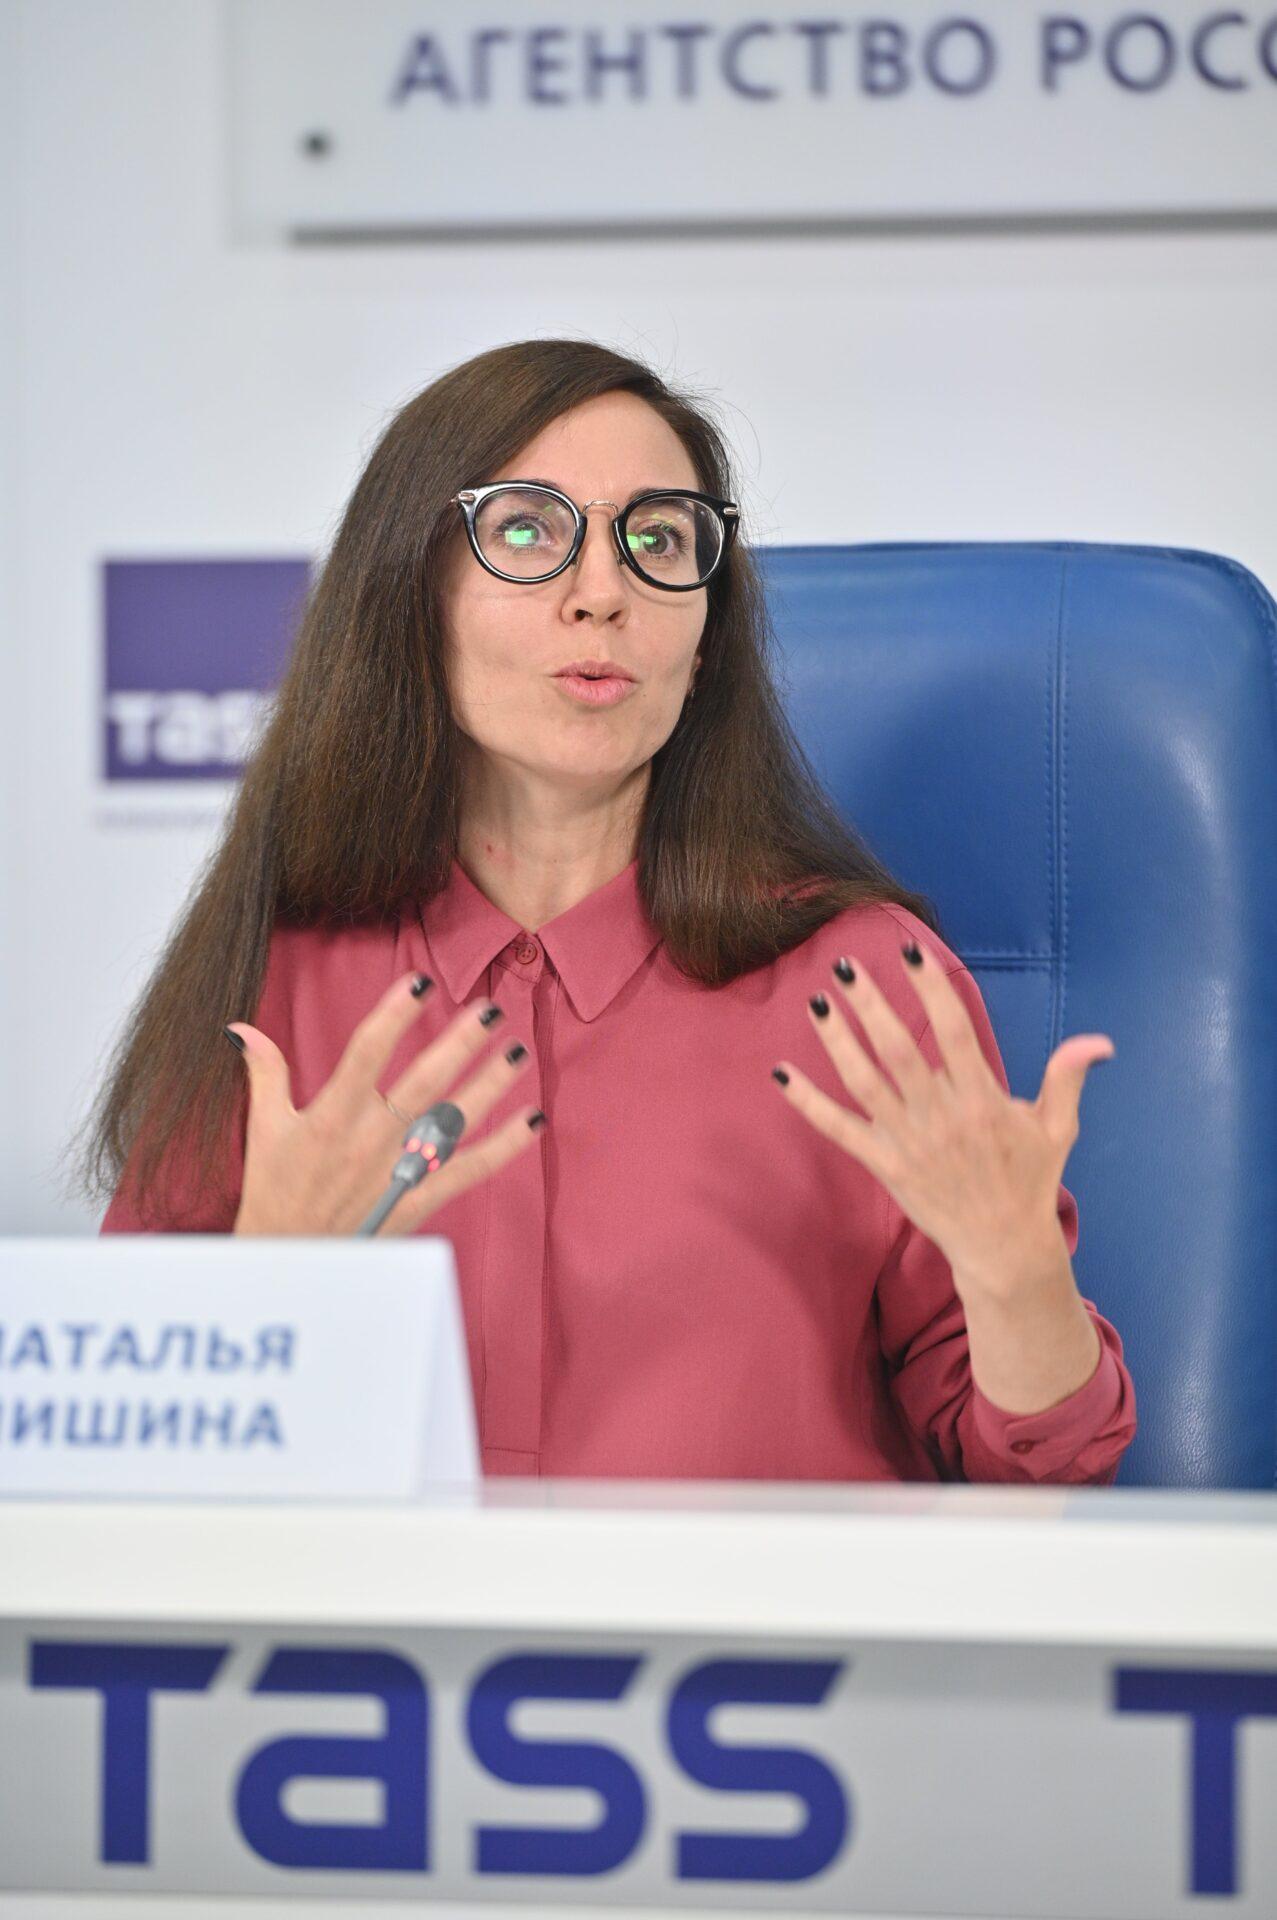 Пресс-конференция по итогам первого этапа конкурса СОТ: Наталья Мишина, руководитель по связям с общественностью «Обрсоюза»